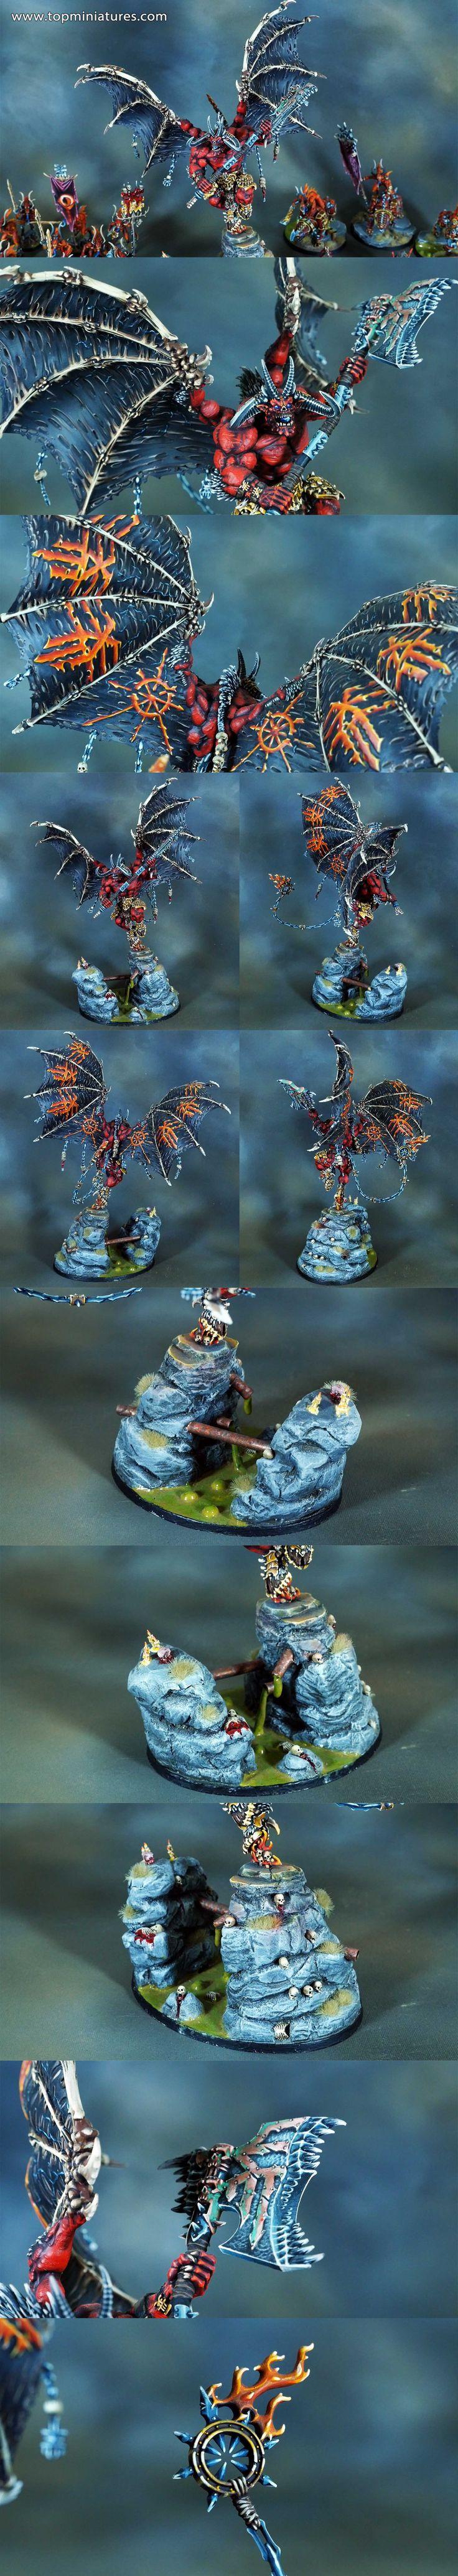 Warhammer 40k chaos daemons bloodthirster of khorne